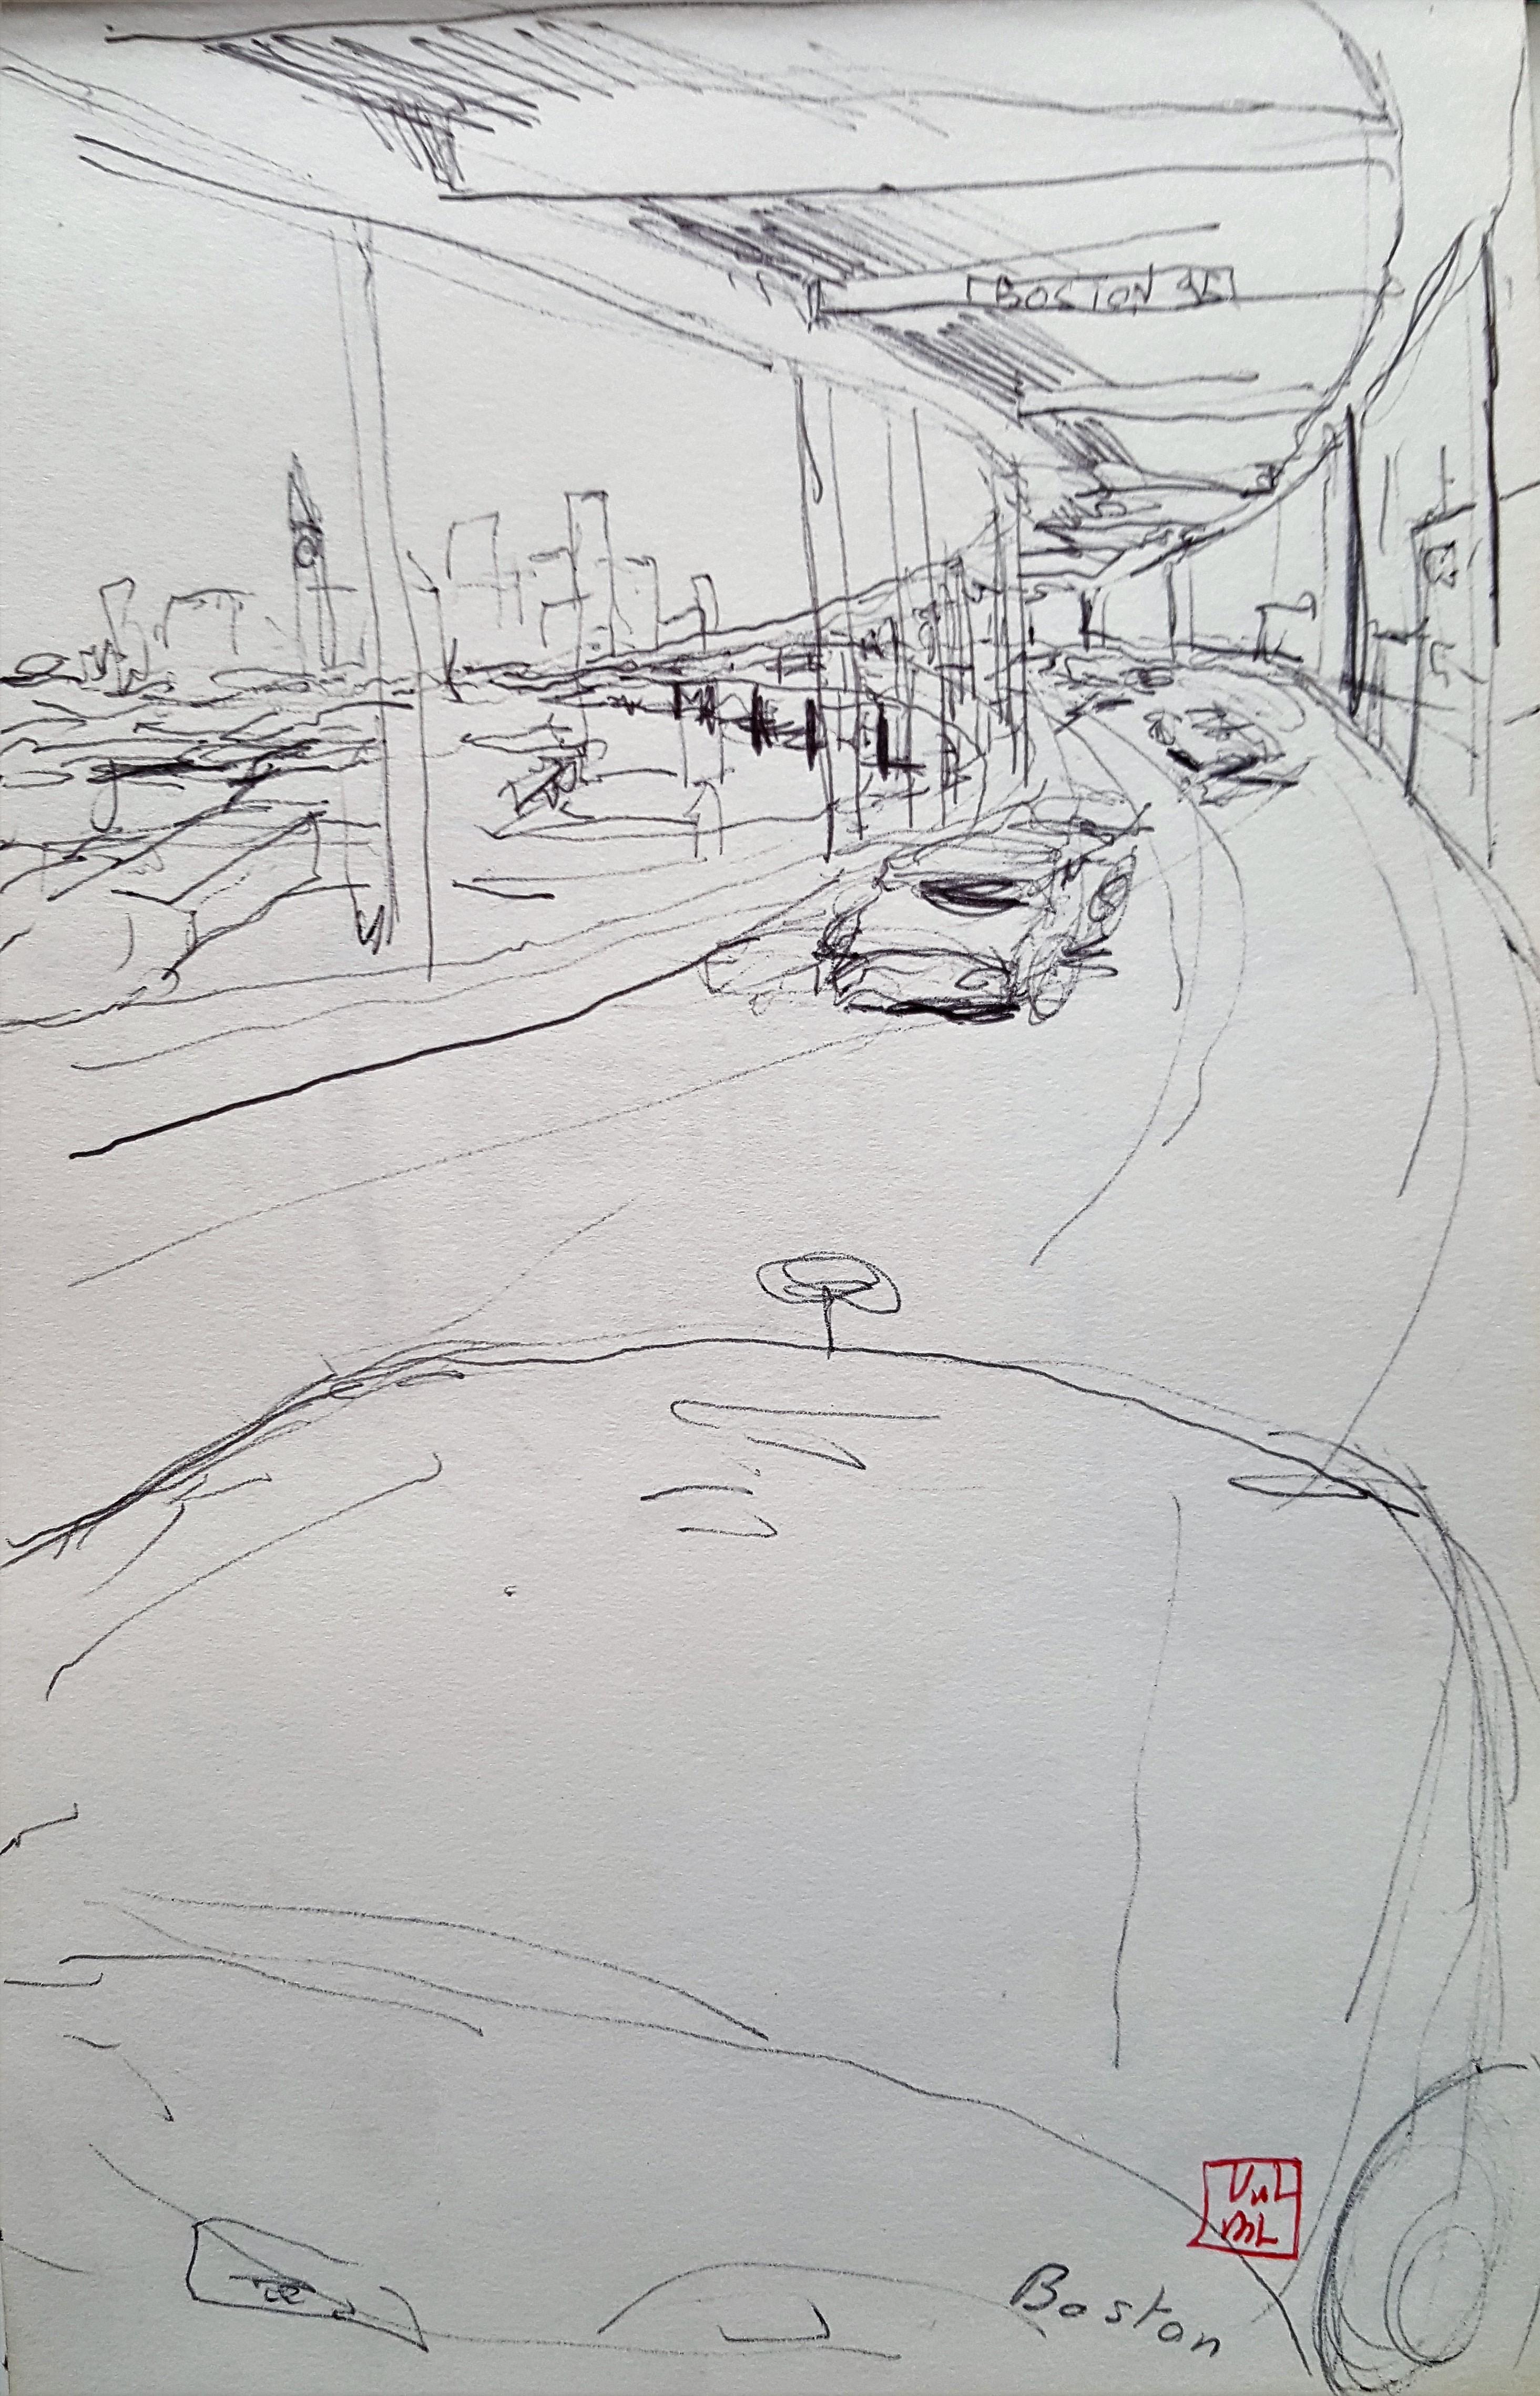 Boston autoroute